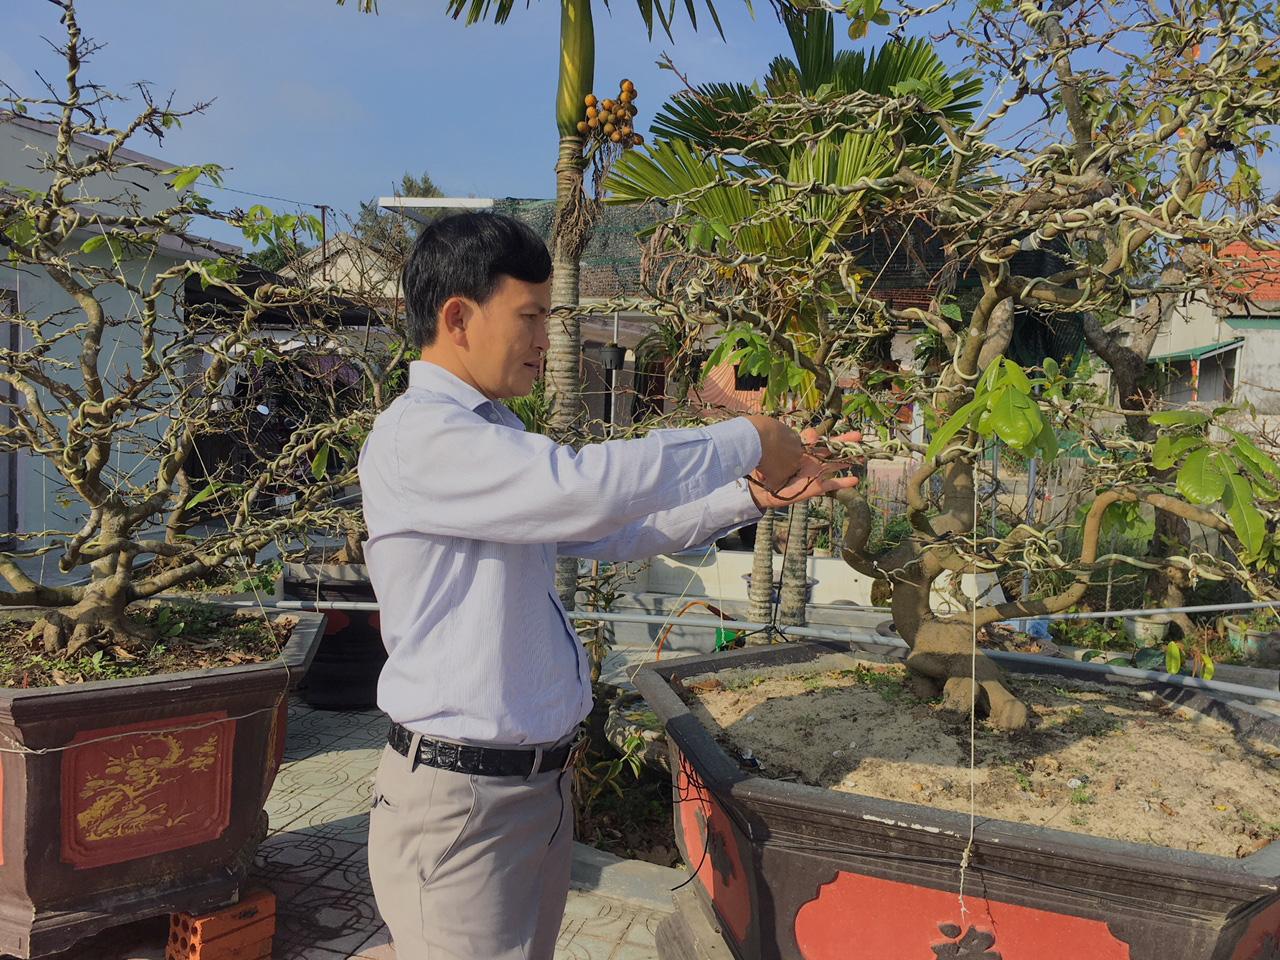 """Huế: Loài cây này bỗng nhiên tăng giá cái vù, có cây bán được cả tỷ đồng, đai gia nói """"thời thế tạo anh hùng"""" - Ảnh 1."""